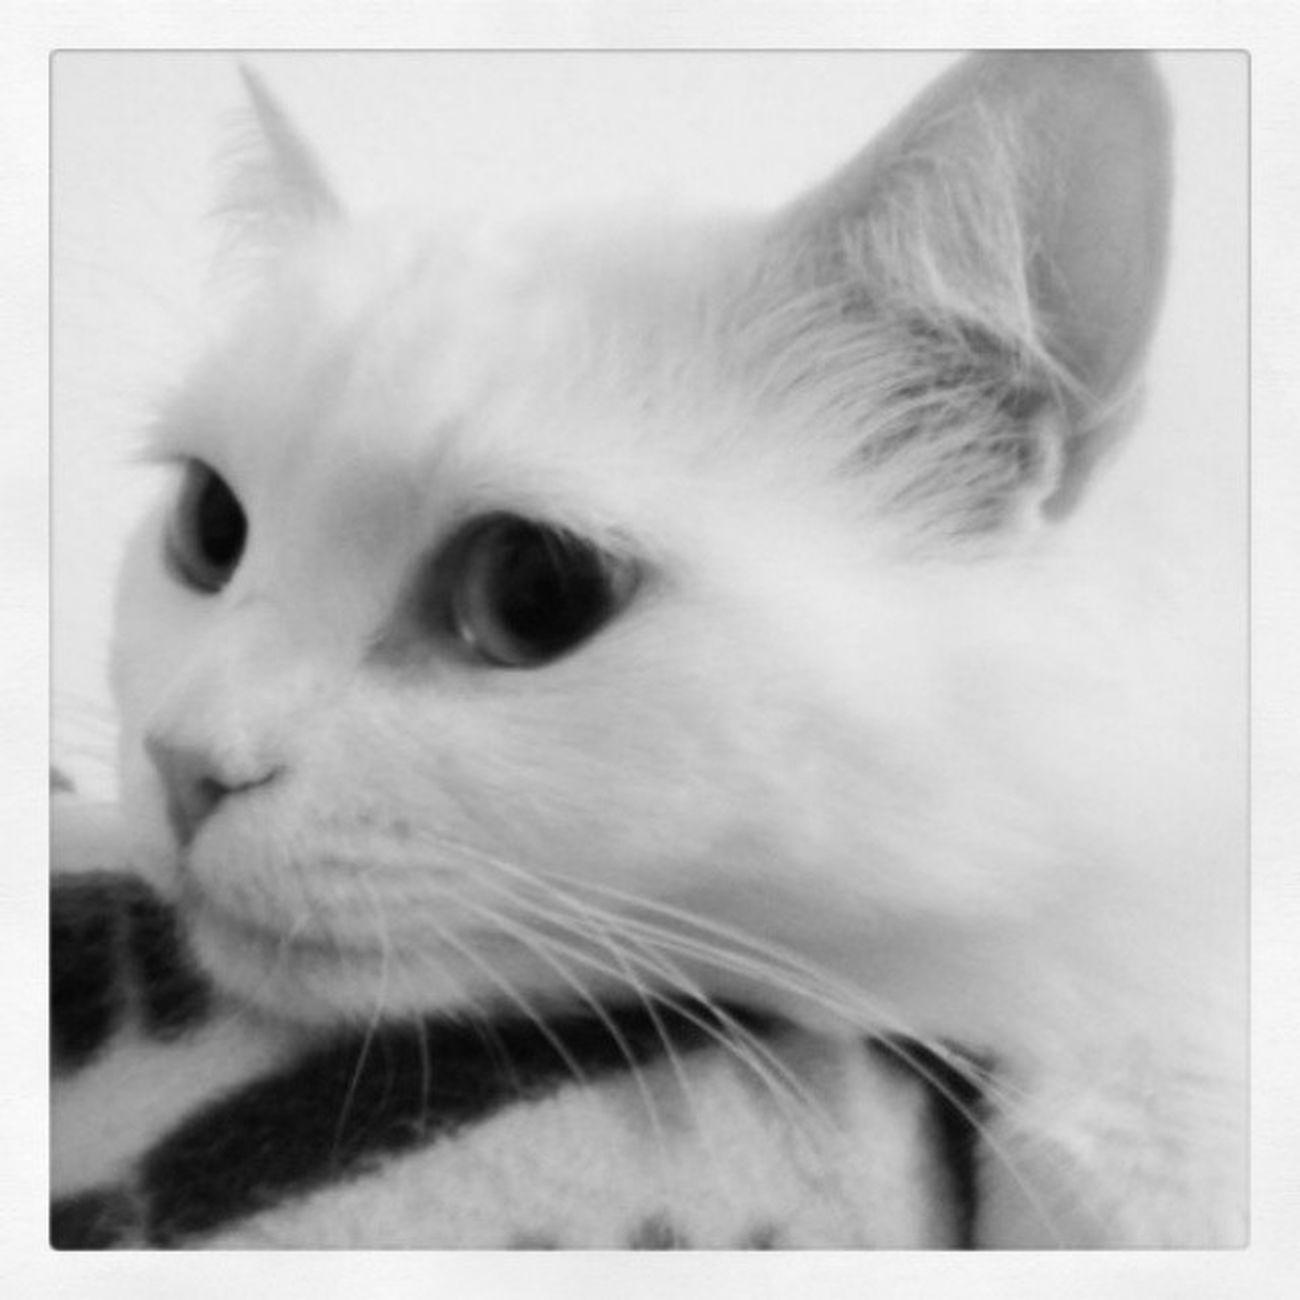 Pazartesiiiiiiii :/ Benimkedimhisseder Cat Kedi Maya evarkadaşım profil animals vankedisi vancat blackwhite instagood petstagram pati instalike instaphoto night bikedigördümsanki pazartesisendromu